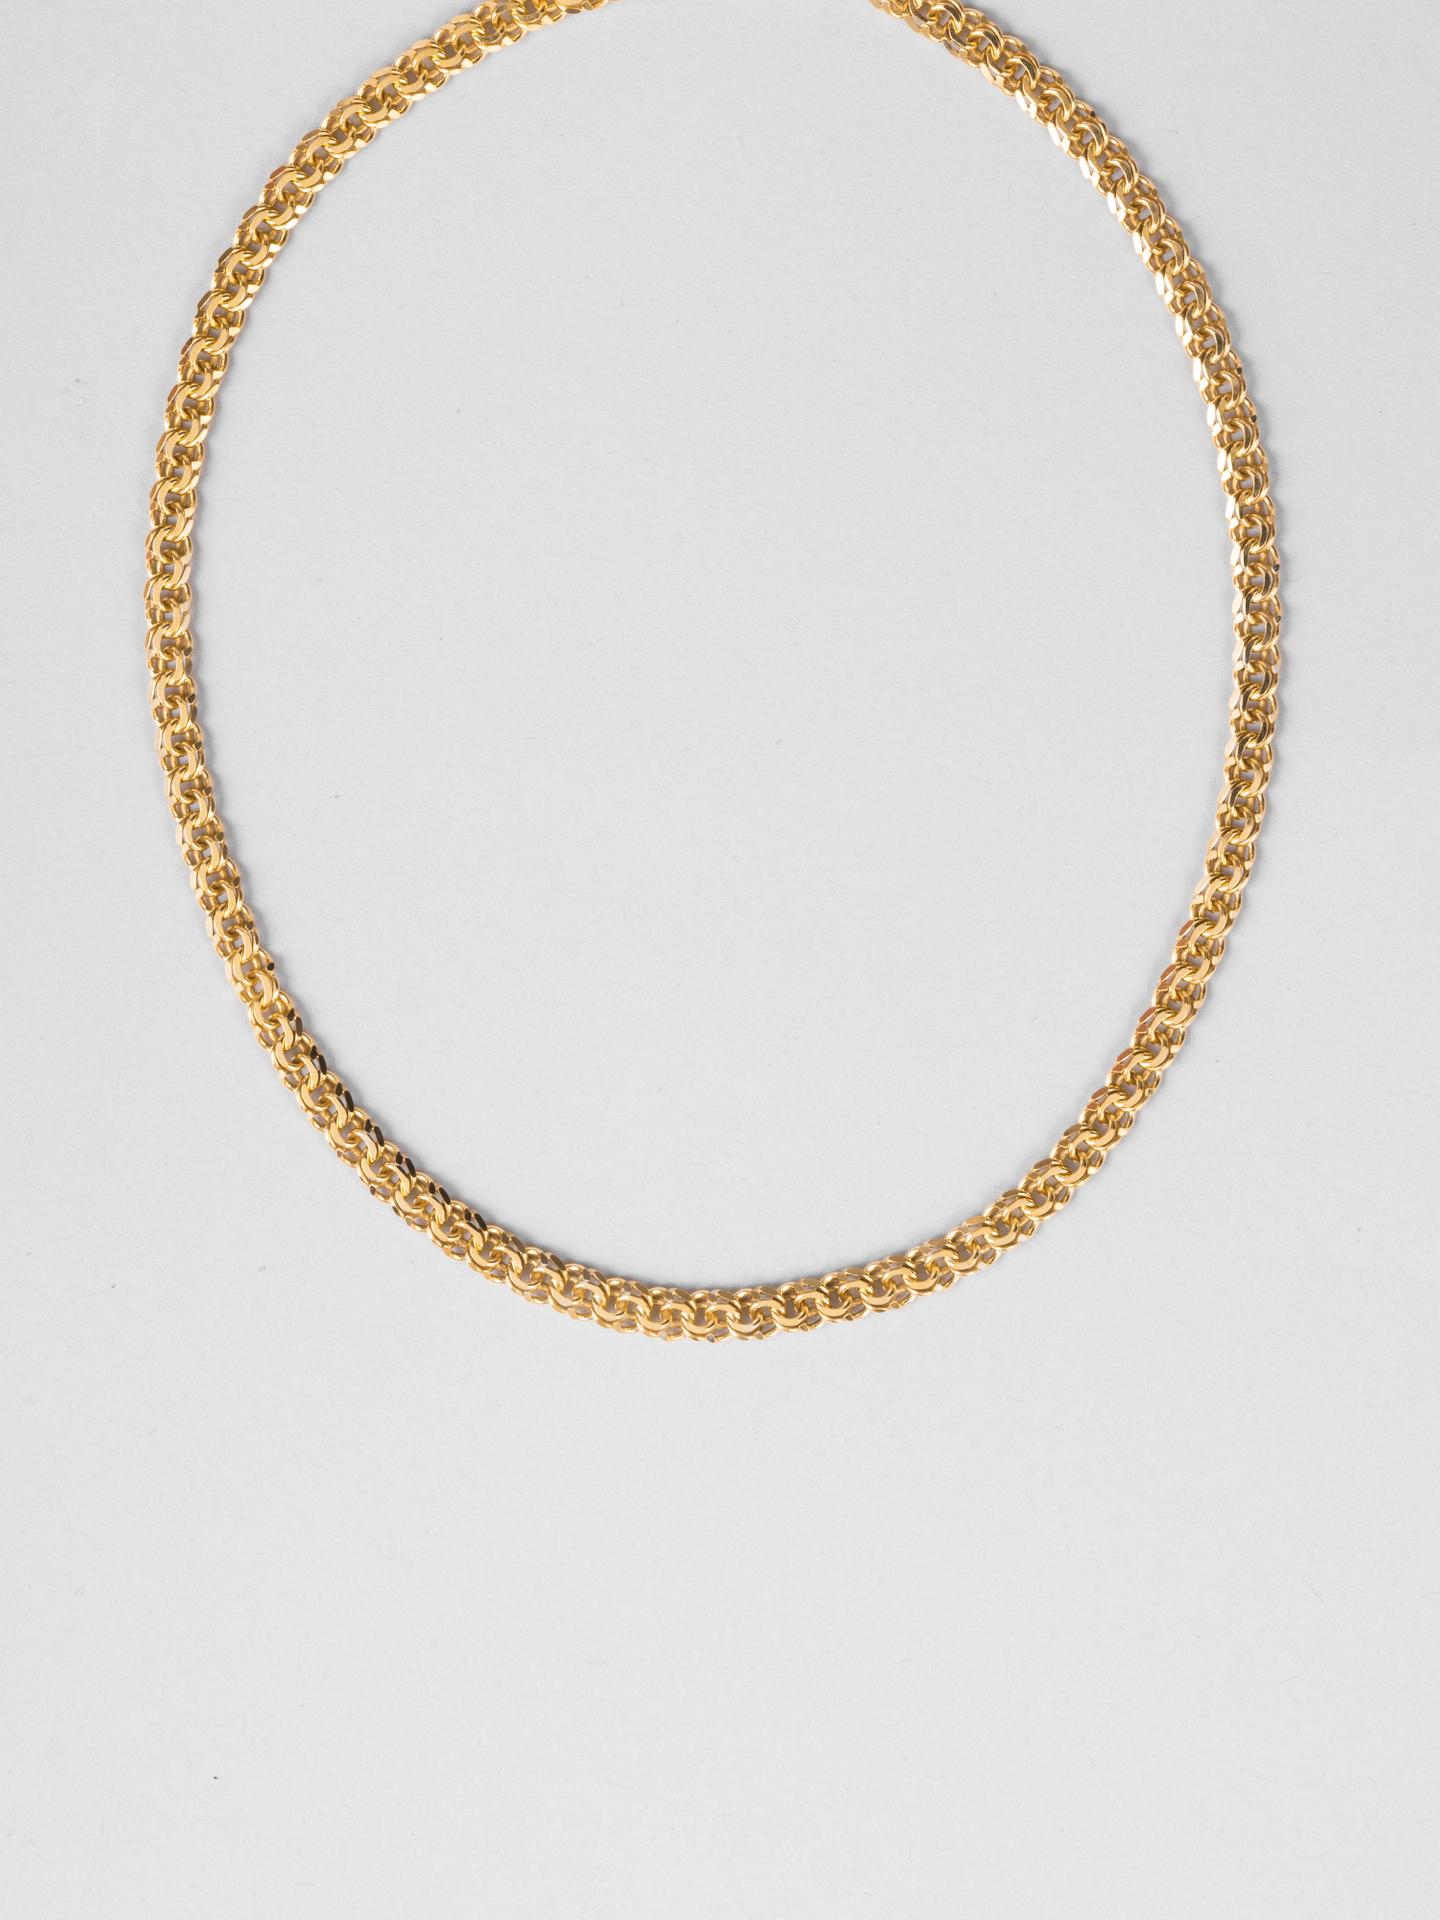 Bismarck Chain Necklace